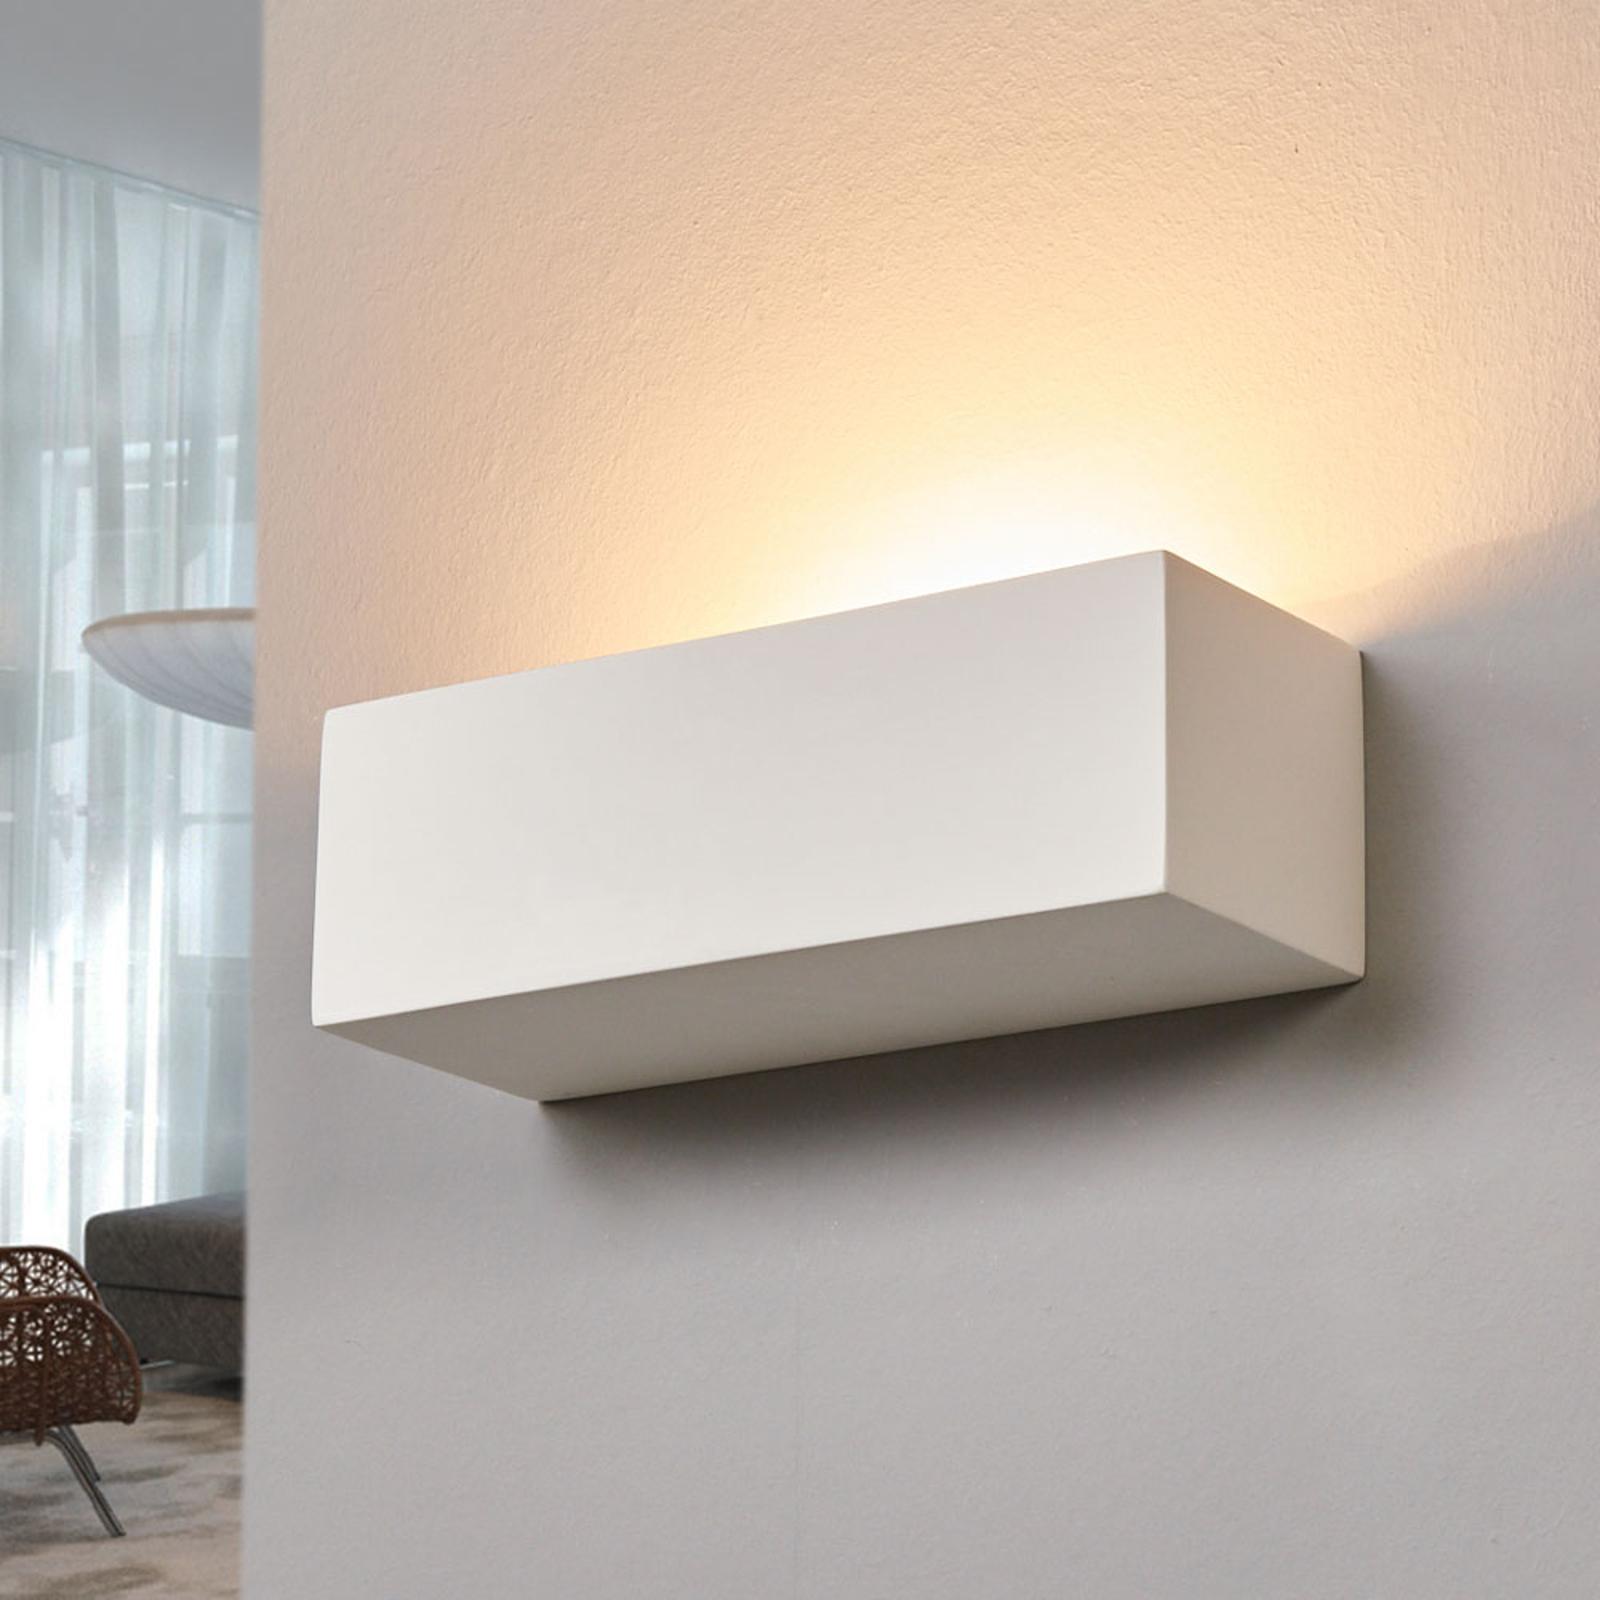 rechthoekige gips wandlamp Jole, overschilderbaar